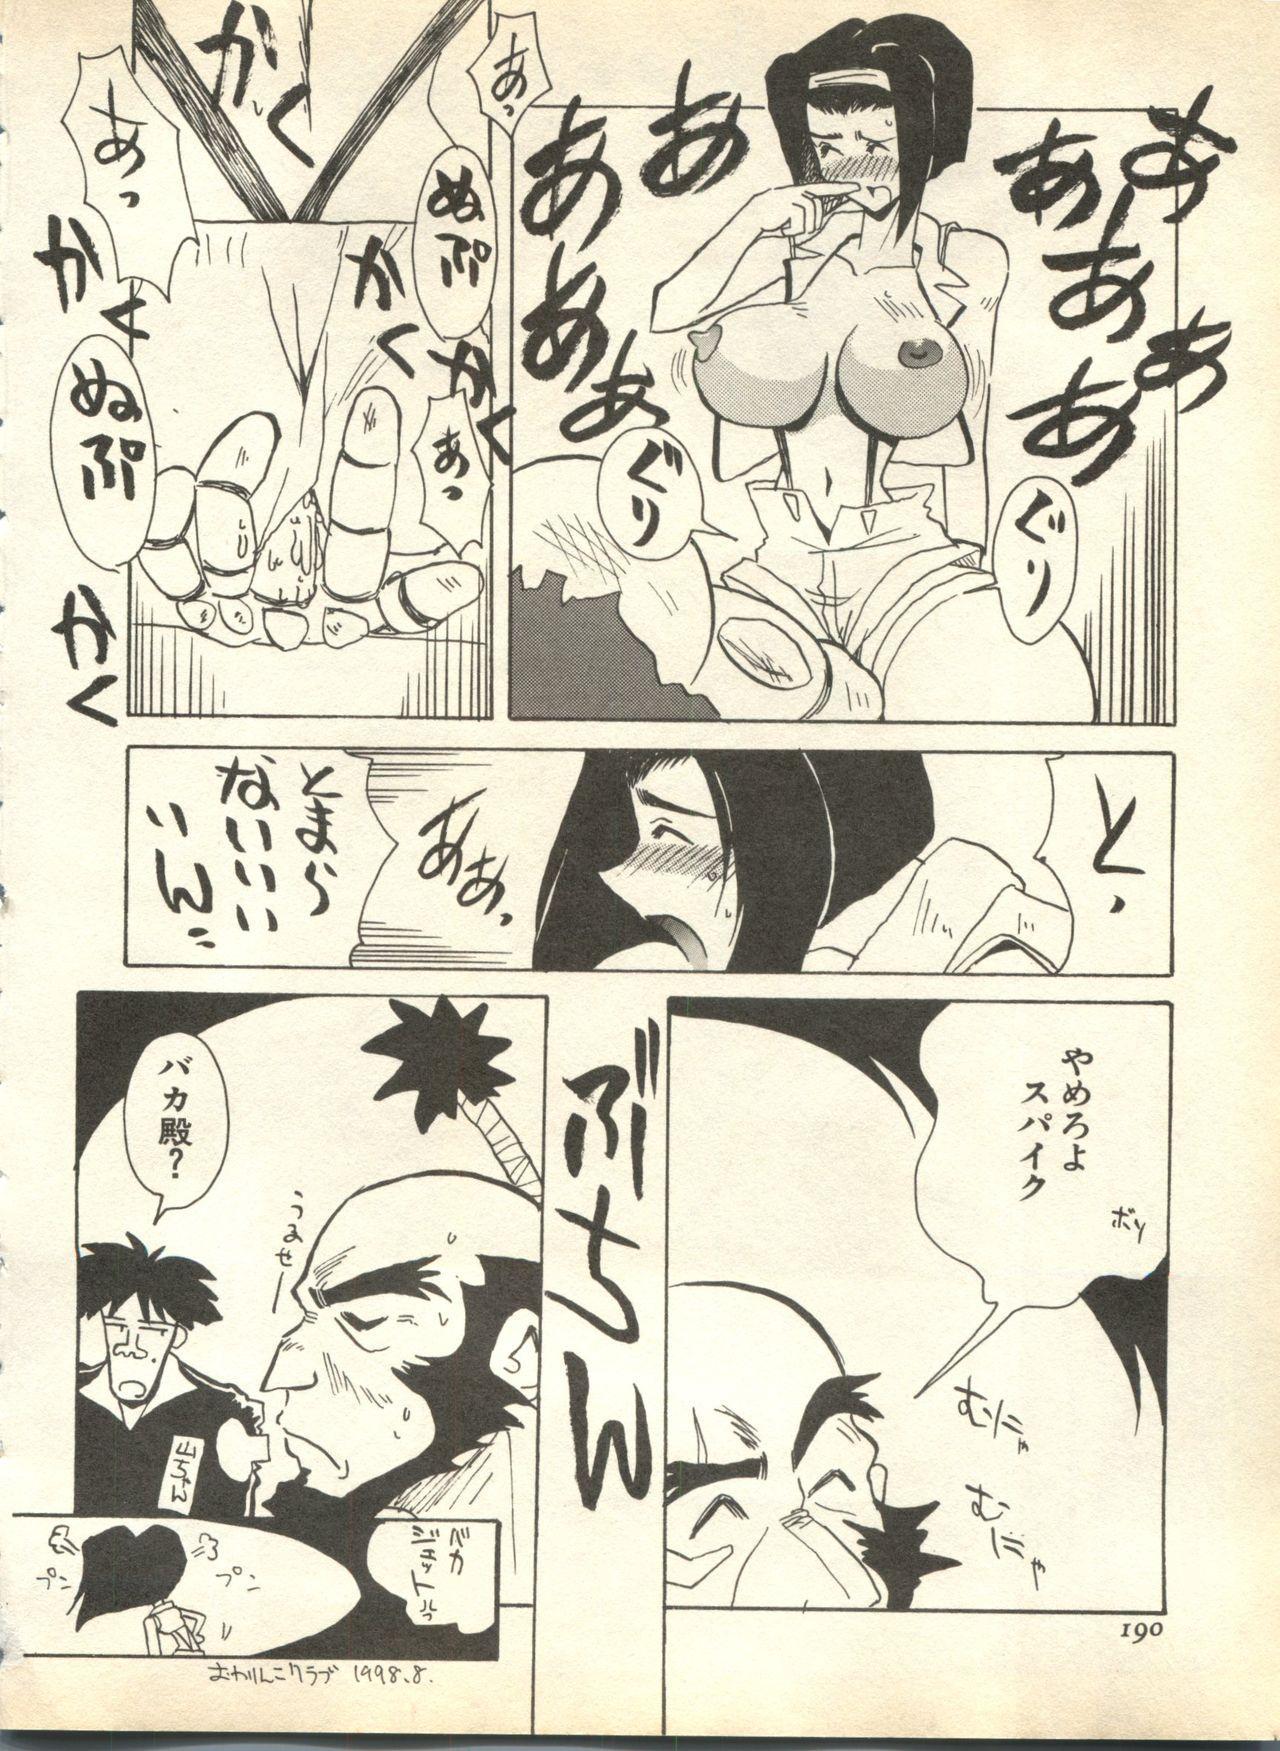 Pai;kuu 1998 October Vol. 13 189